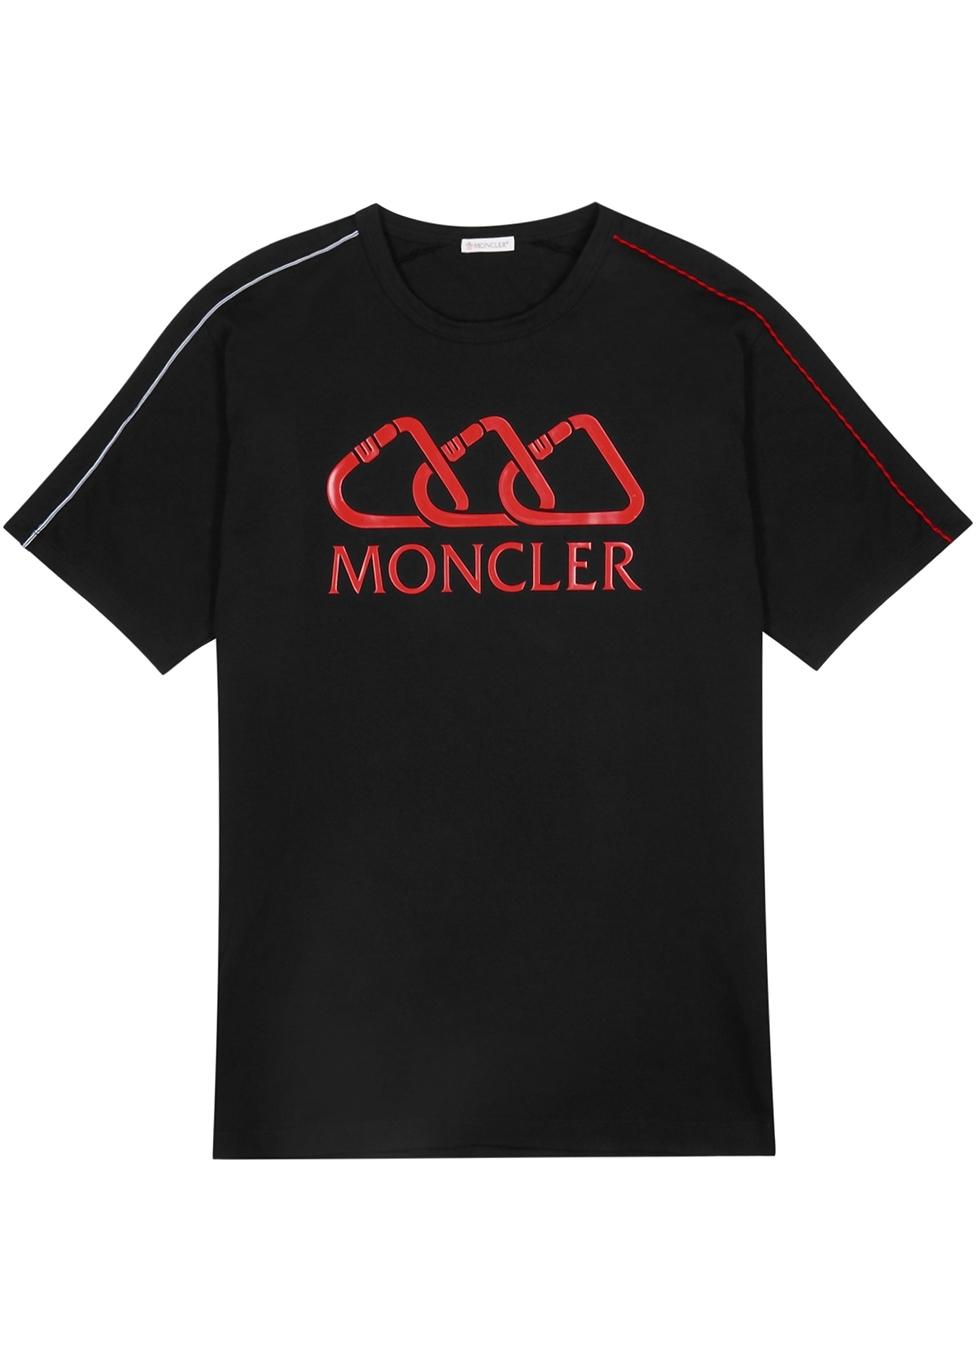 8ff36fa853ca T-shirts   Vests - Mens - Harvey Nichols